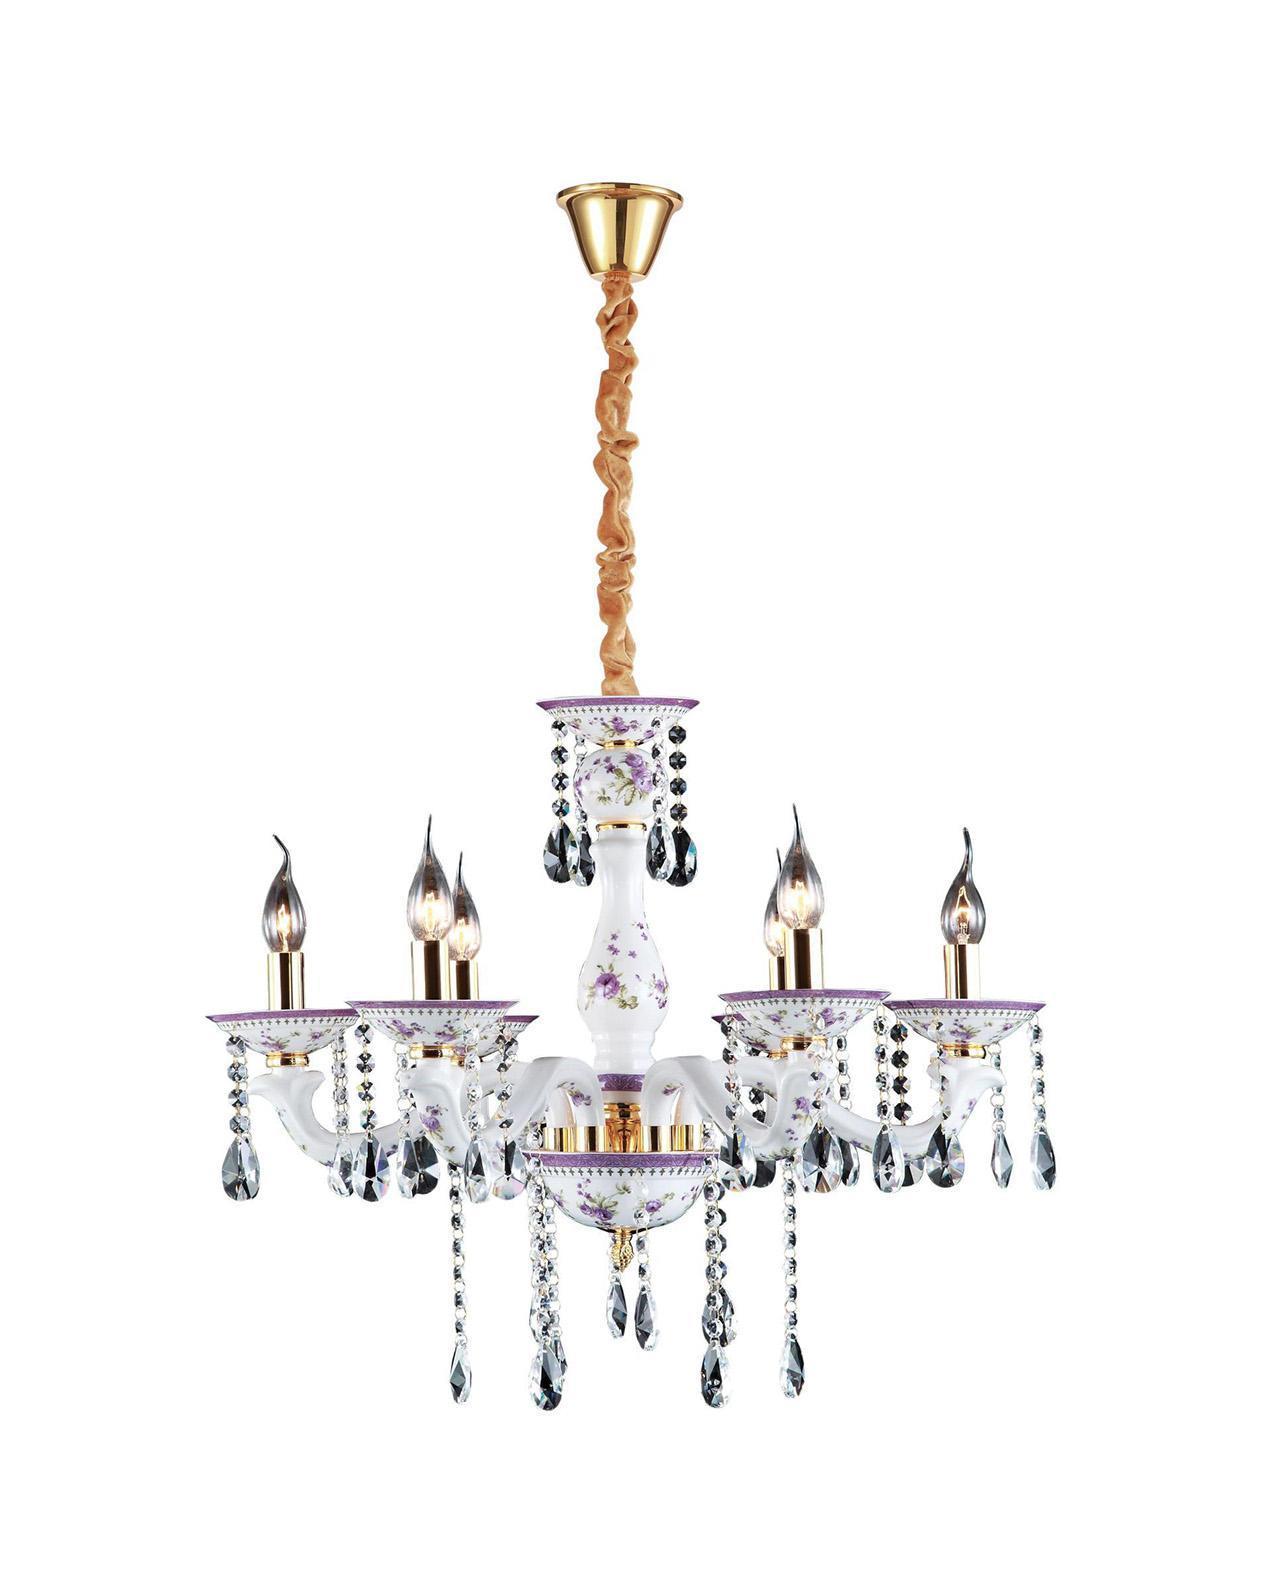 Люстра Arte lampЛюстры<br>Назначение светильника: для гостиной, Стиль светильника: классика, Тип: подвесная, Материал светильника: металл, керамика, Материал арматуры: металл, Диаметр: 680, Высота: 570, Количество ламп: 6, Тип лампы: накаливания, Мощность: 240, Патрон: Е14, Цвет арматуры: белый, Родина бренда: Италия, Коллекция: 6613<br>